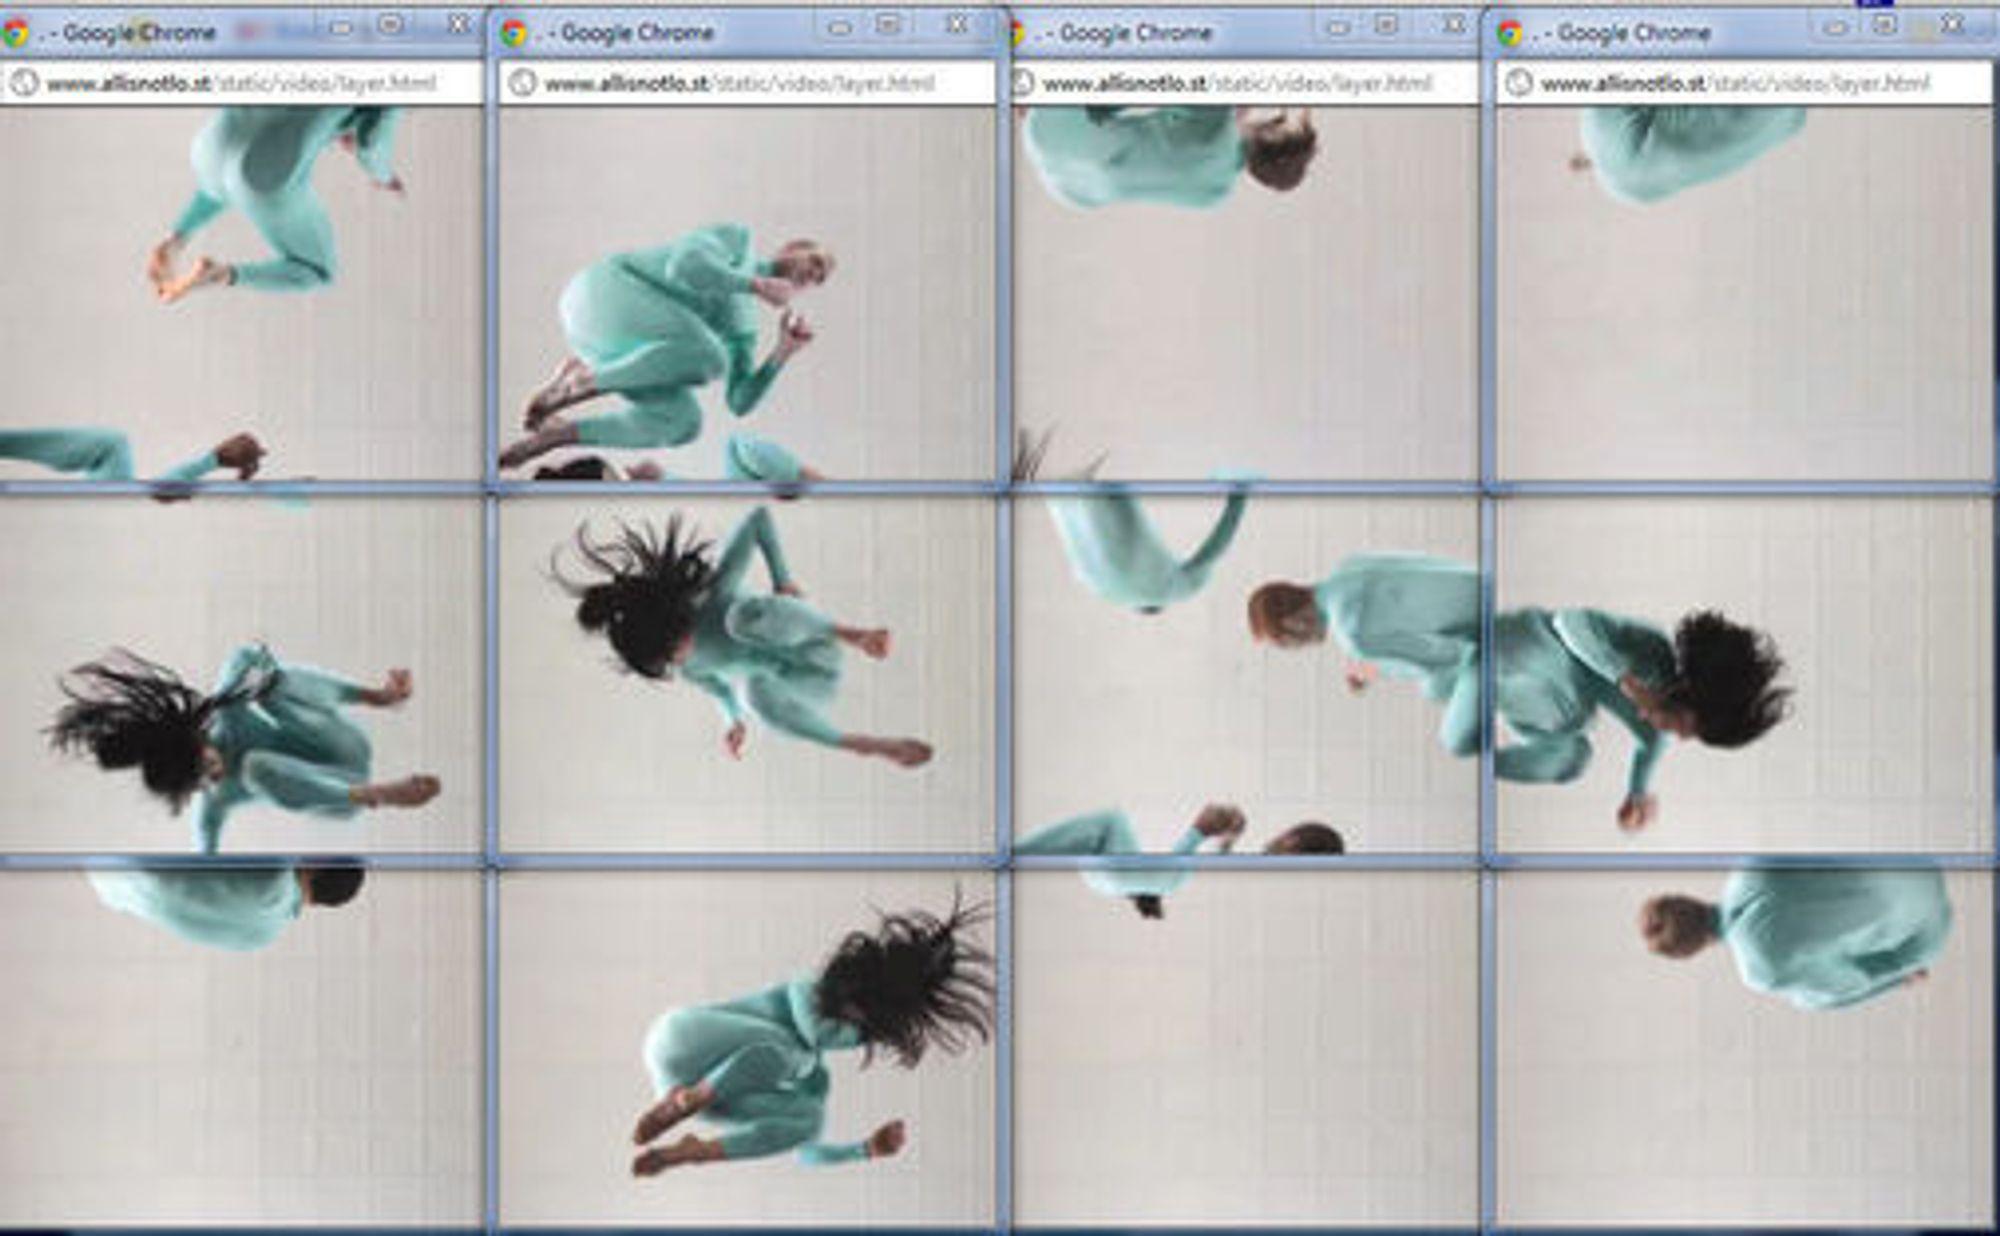 Mengder av Chrome-vinduer med hver sin videostrøm settes sammen til en helhet i «All is not lost»-videoen.